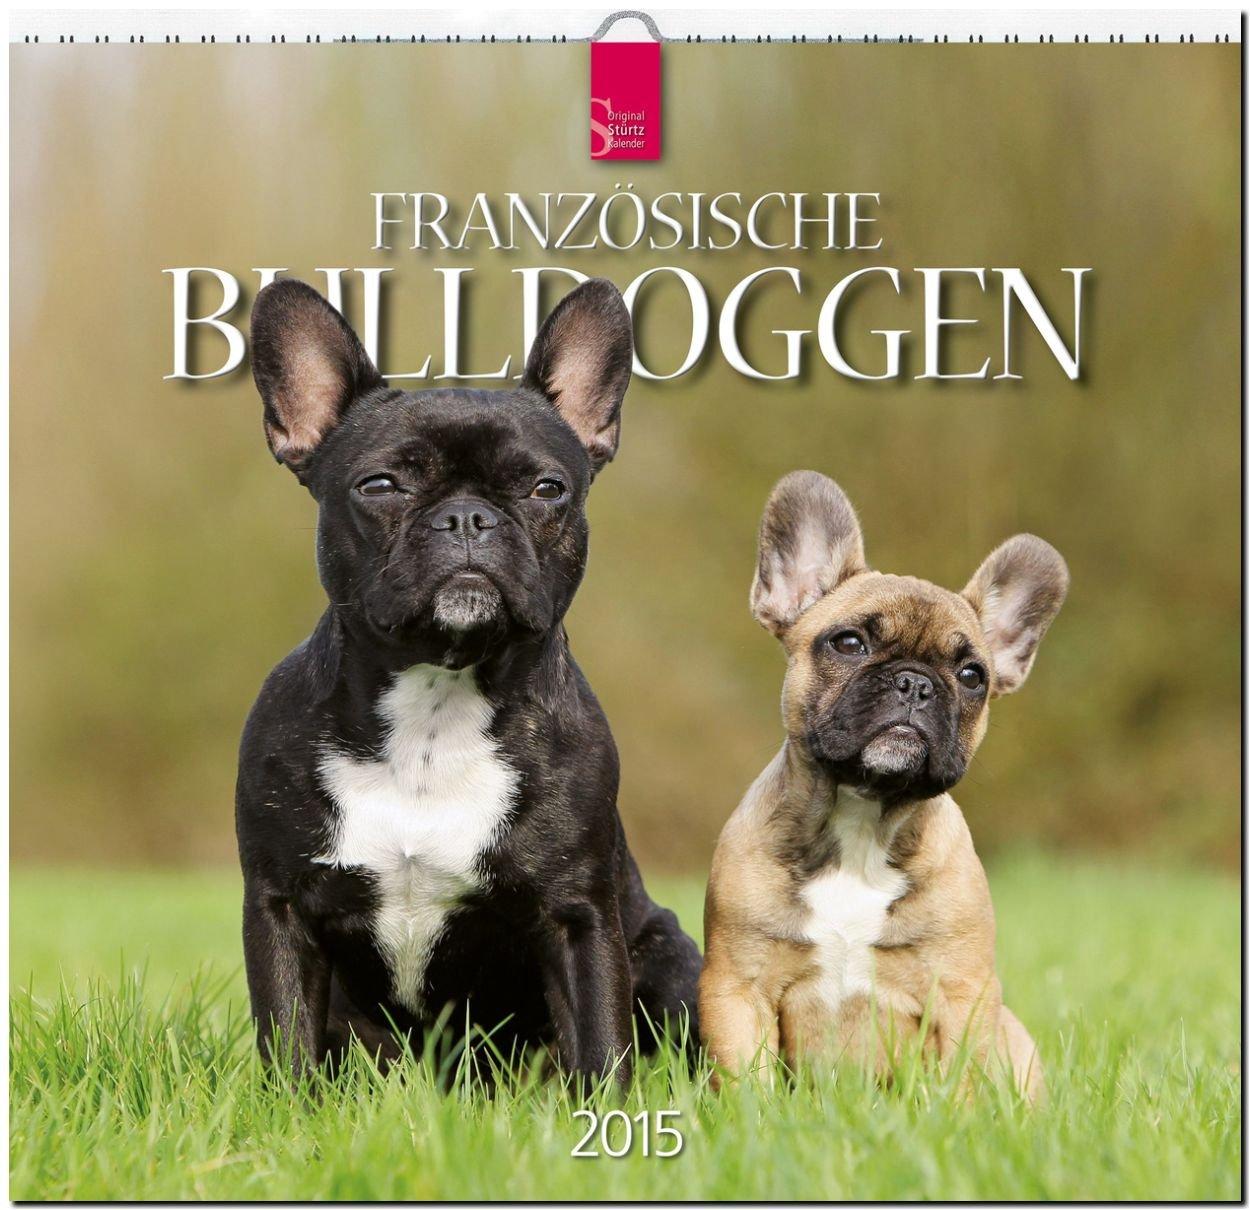 Französische Bulldoggen 2015 - Original Stürtz-Kalender - Mittelformat-Kalender 33 x 31 cm